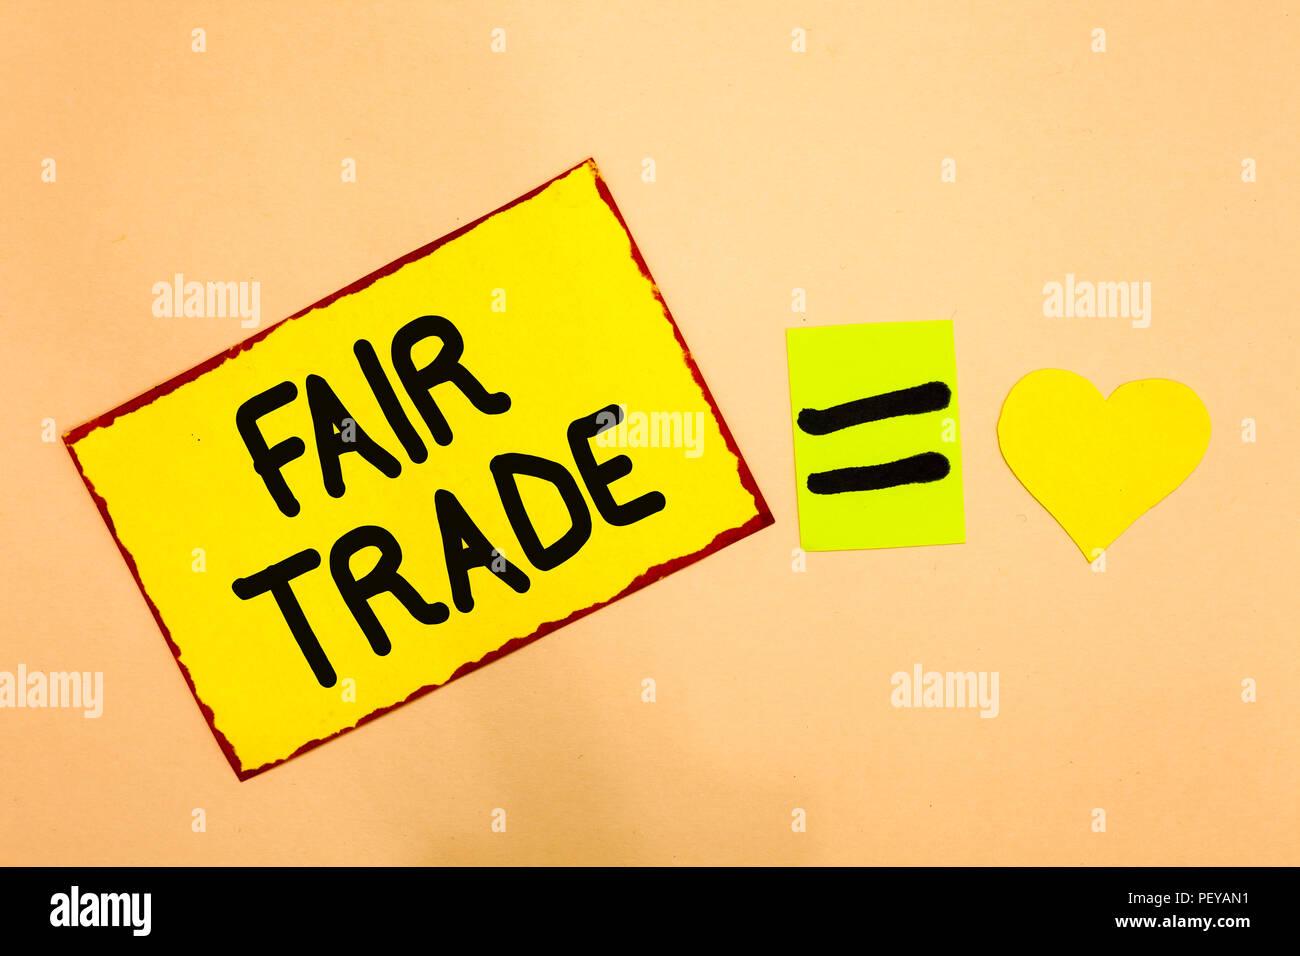 8f617c586ced La main conceptuel montrant le commerce équitable. Texte photo d affaires  petite augmentation par un fabricant ce qu ils ont payé à un producteur de  papier ...